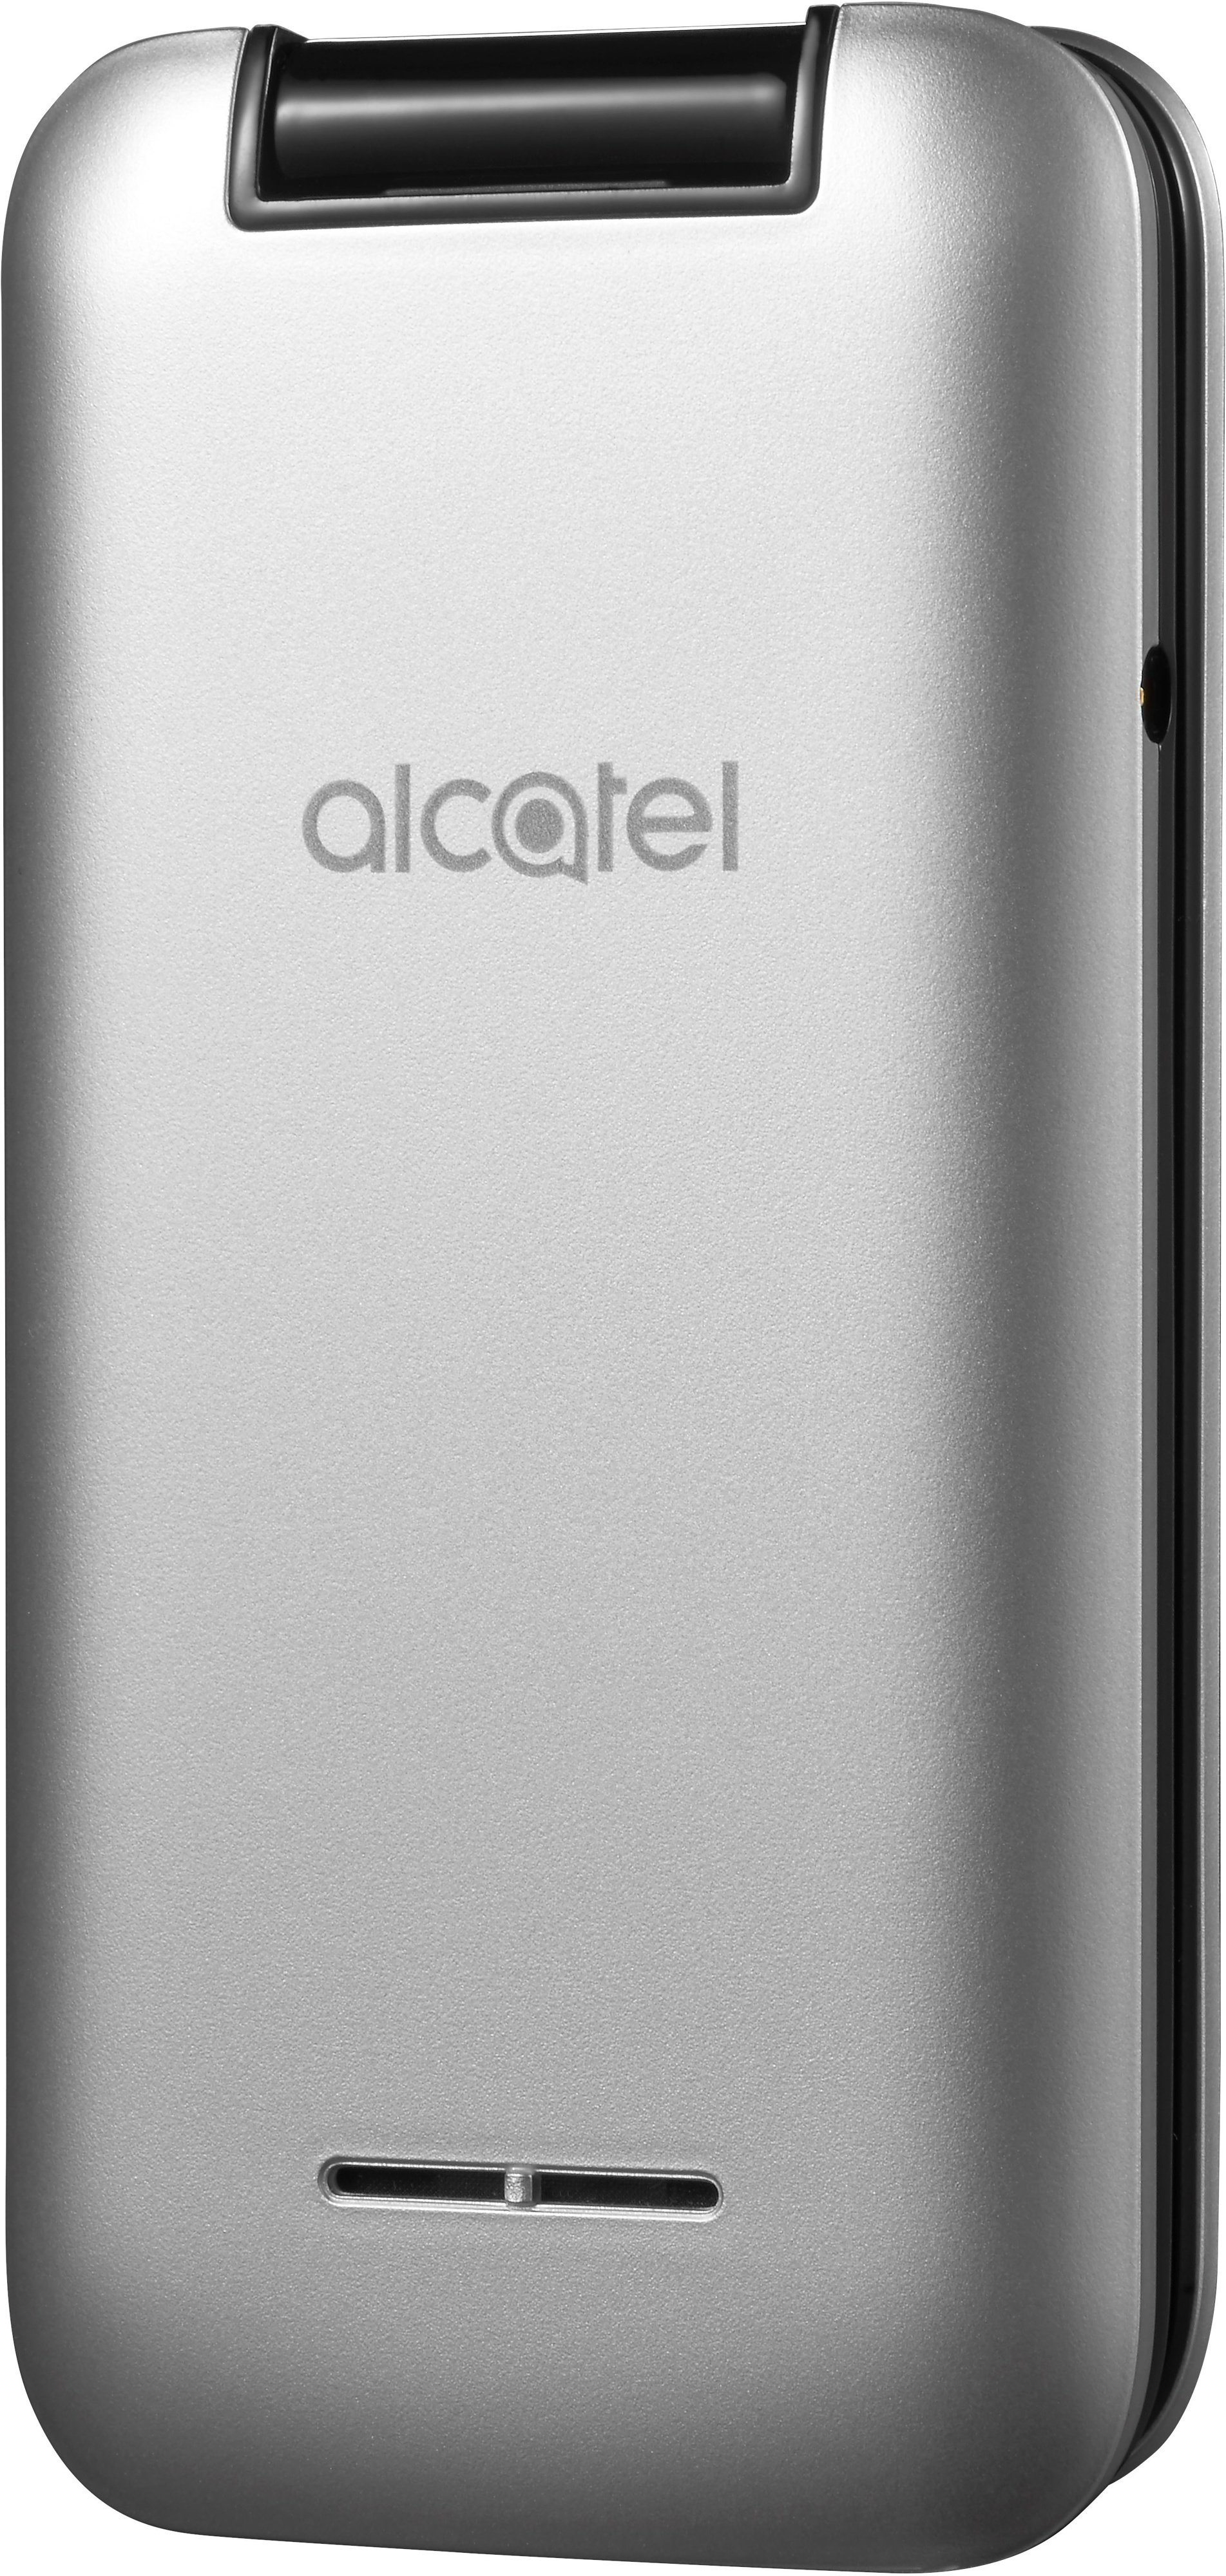 Alcatel Clam Simpukkapuhelin Dual Sim Harmaa Peruspuhelimet 2051d Puhelimet